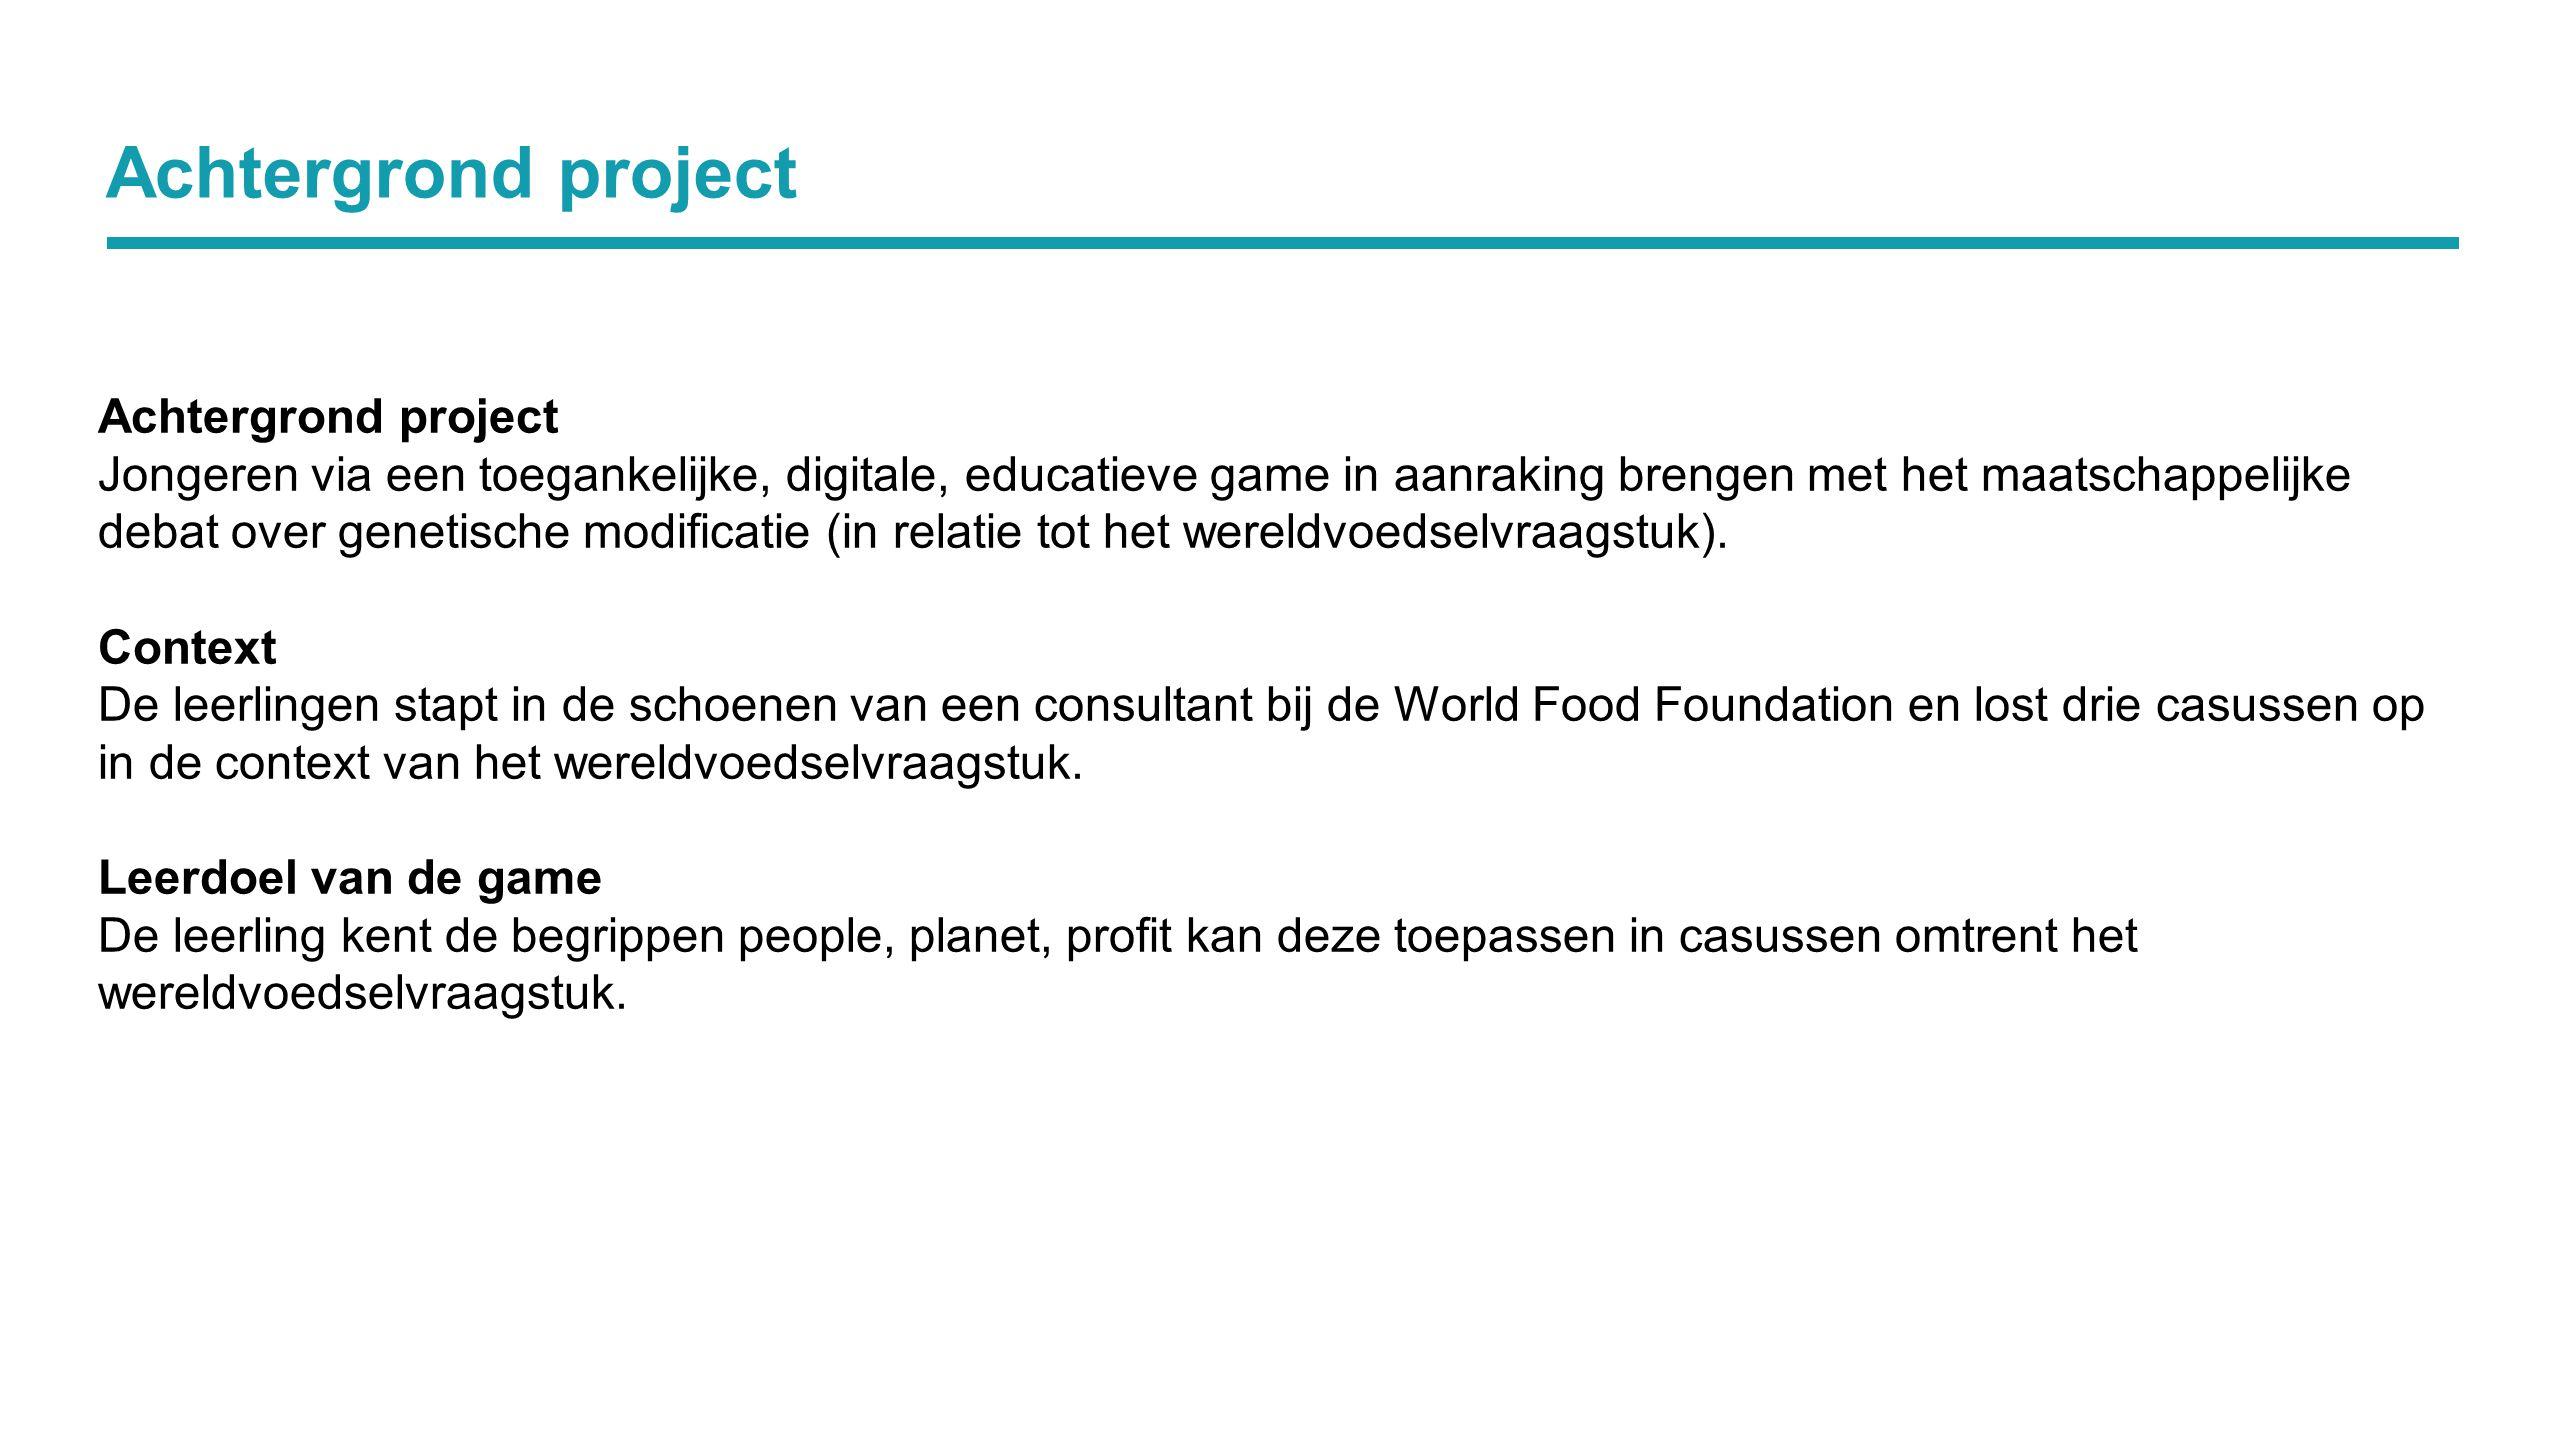 Achtergrond project Jongeren via een toegankelijke, digitale, educatieve game in aanraking brengen met het maatschappelijke debat over genetische modificatie (in relatie tot het wereldvoedselvraagstuk).